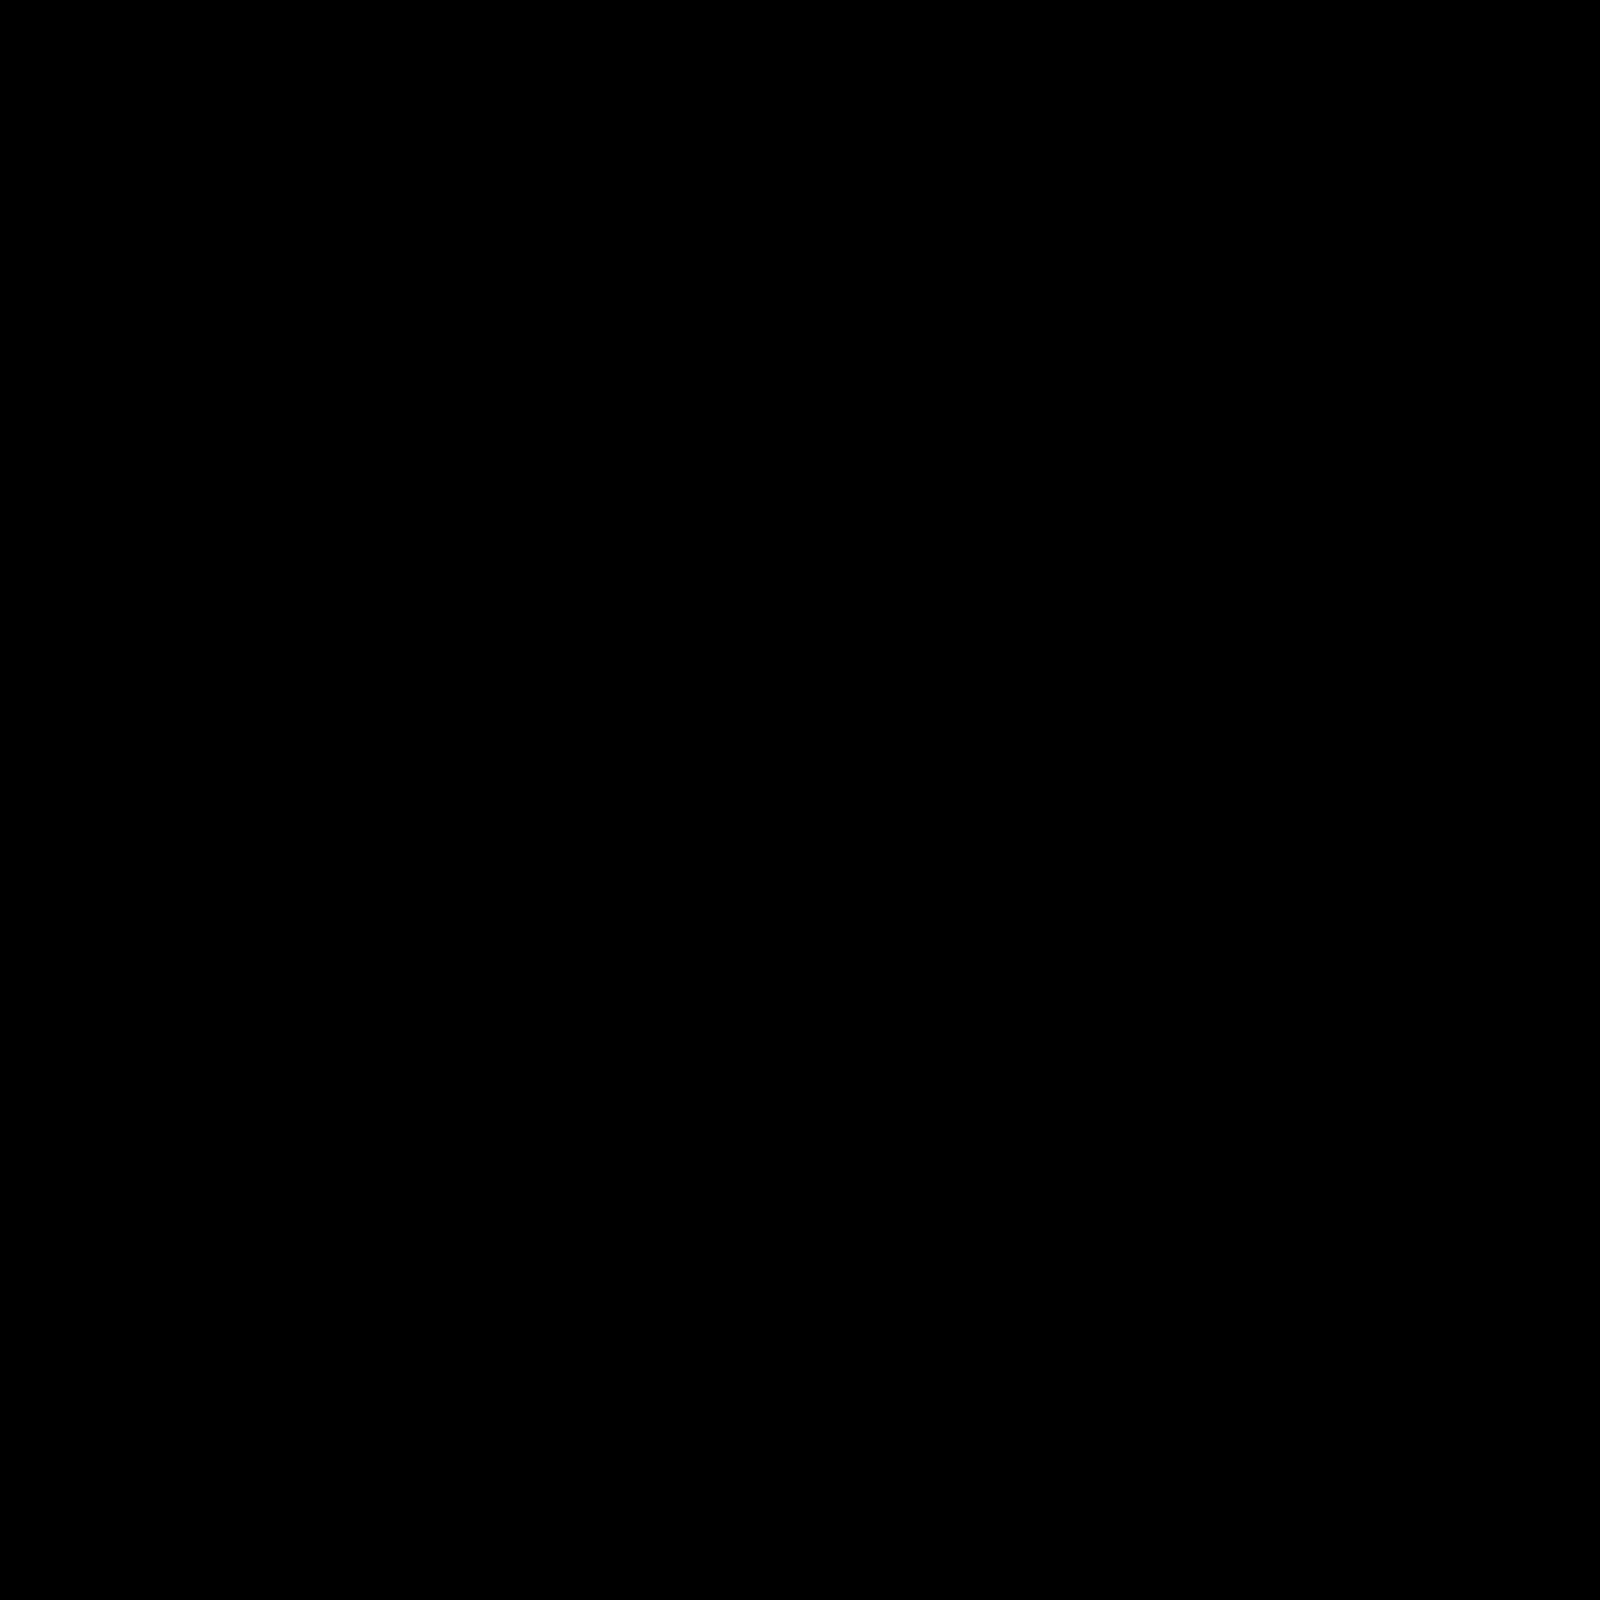 1600x1600 Instagram Logo Design Vector Free Download